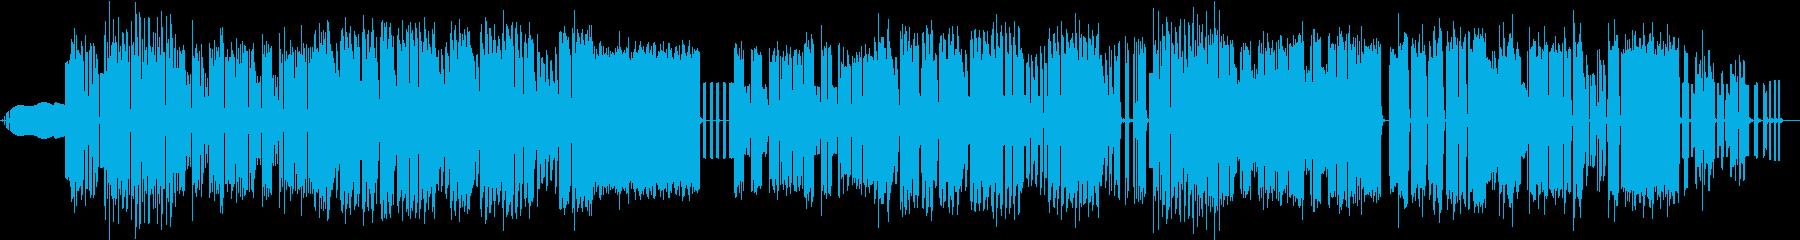 アクション、ステージ、8bitインスト曲の再生済みの波形